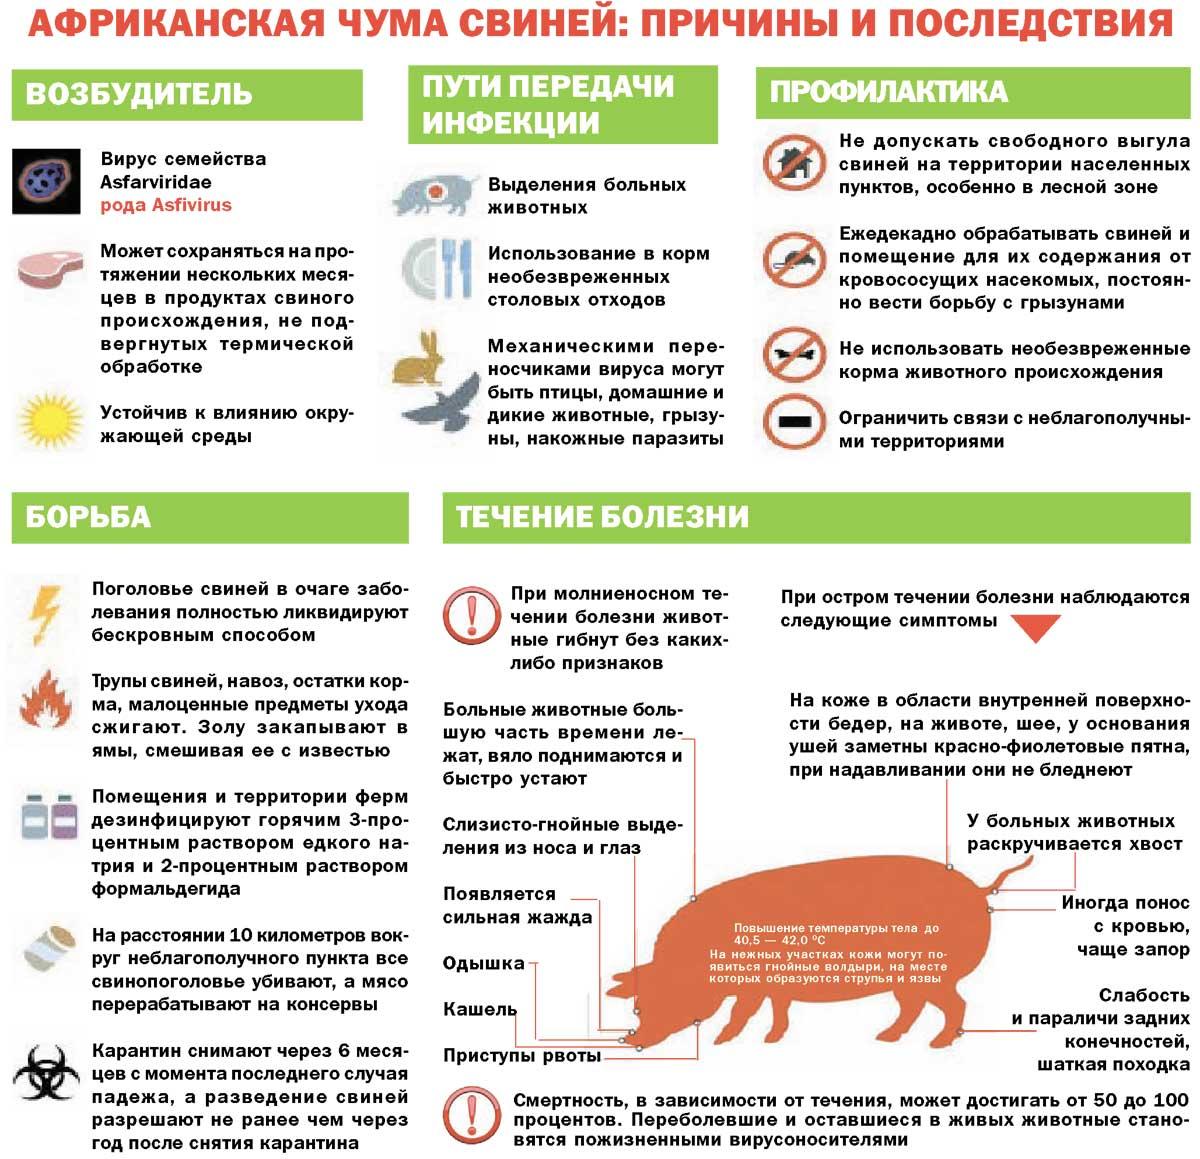 Чем отличается классическая чума свиней от африканской чумы свиней